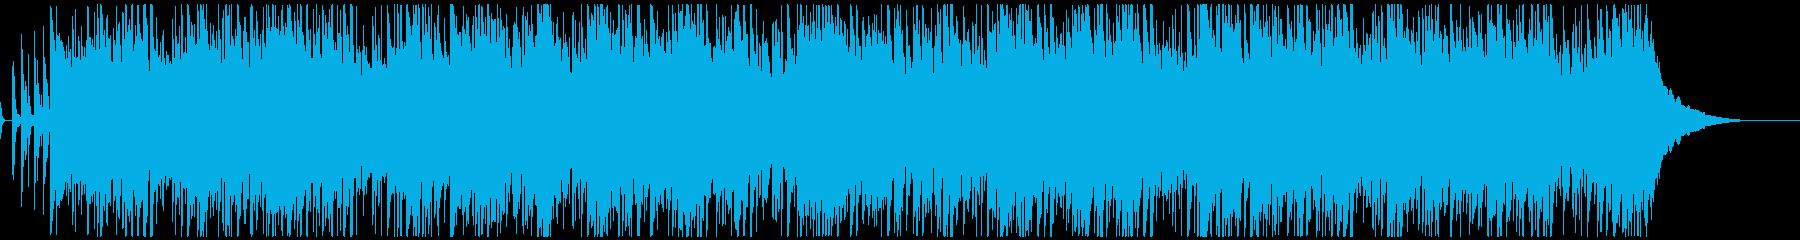 爽やかで心地よいボサノバ風ポップの再生済みの波形